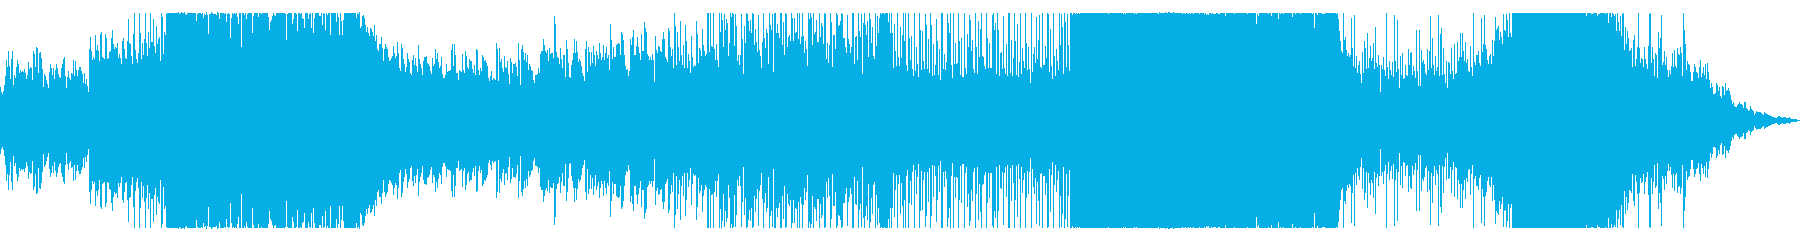 幻想的でどこか切ないピアノとブラスの曲の再生済みの波形